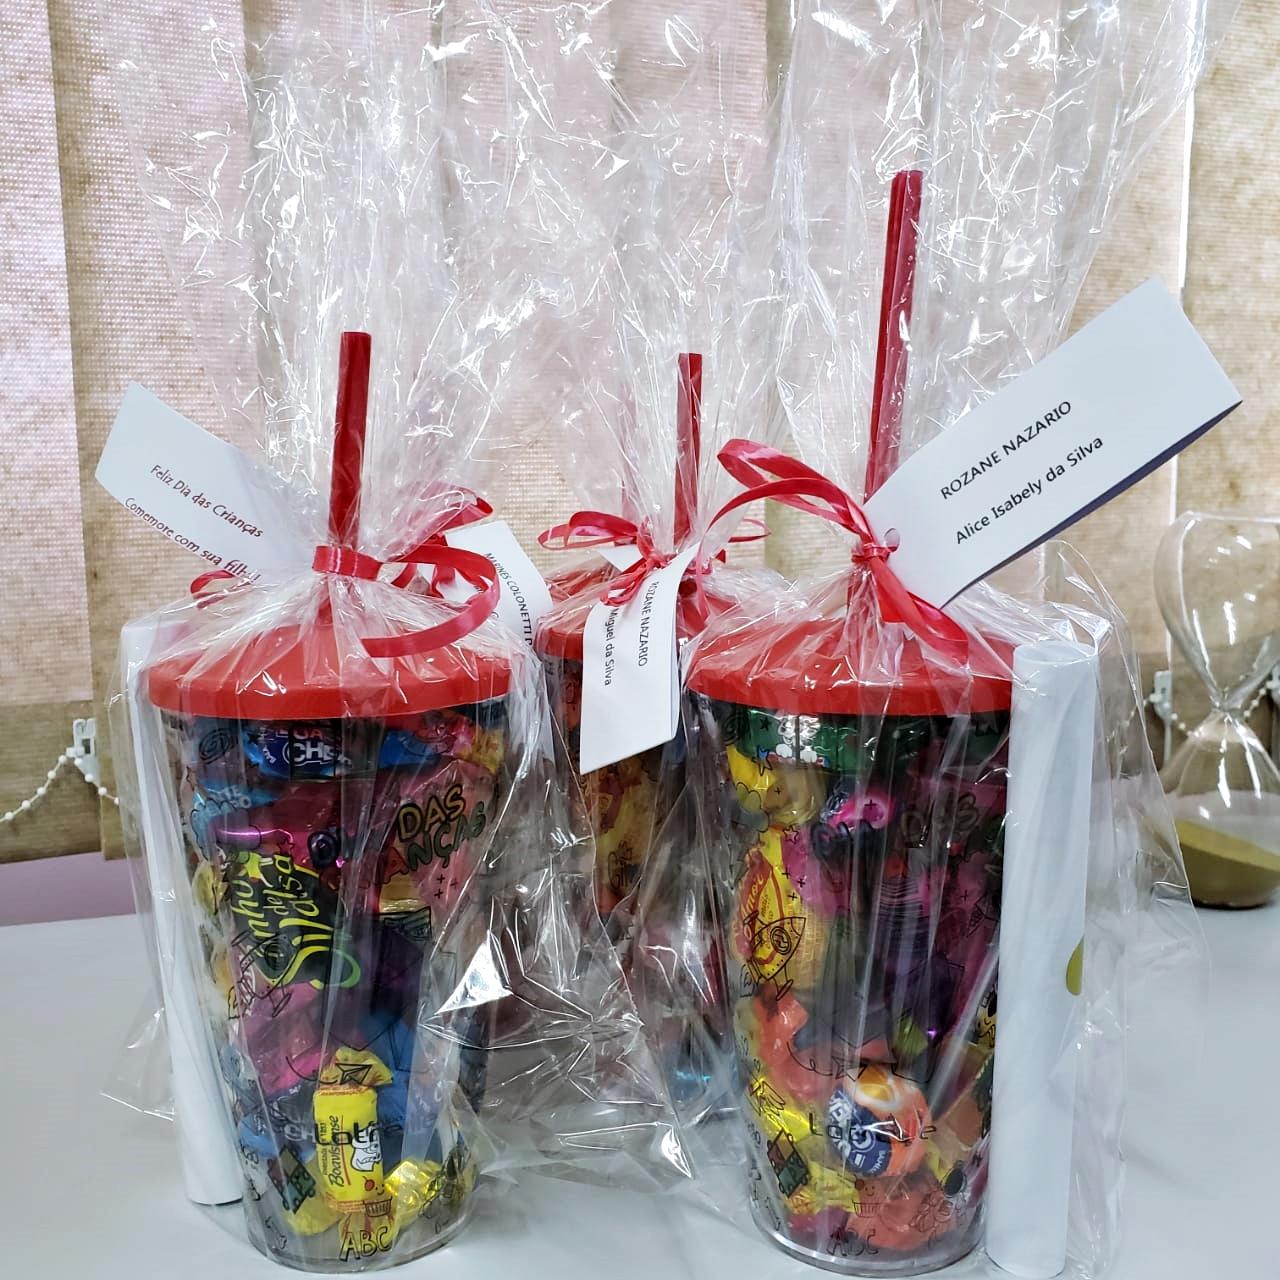 Em ação do Dia das Crianças colaboradores recebem copos personalizados para presentear os filhos